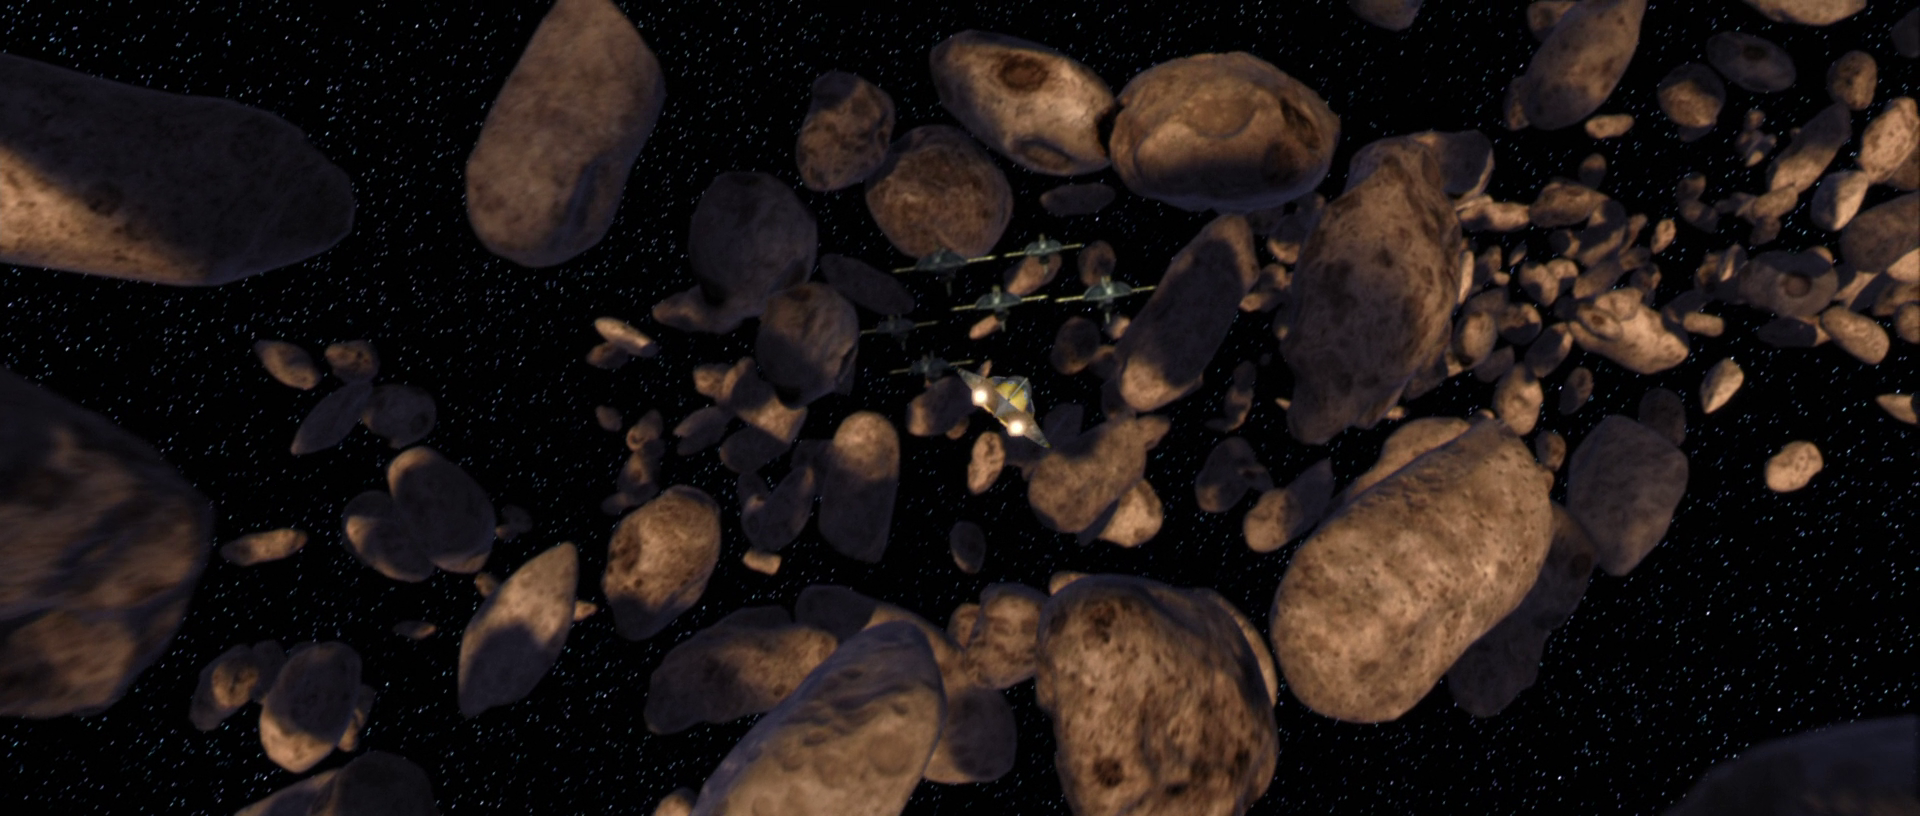 Campo de asteroides de Bothawui